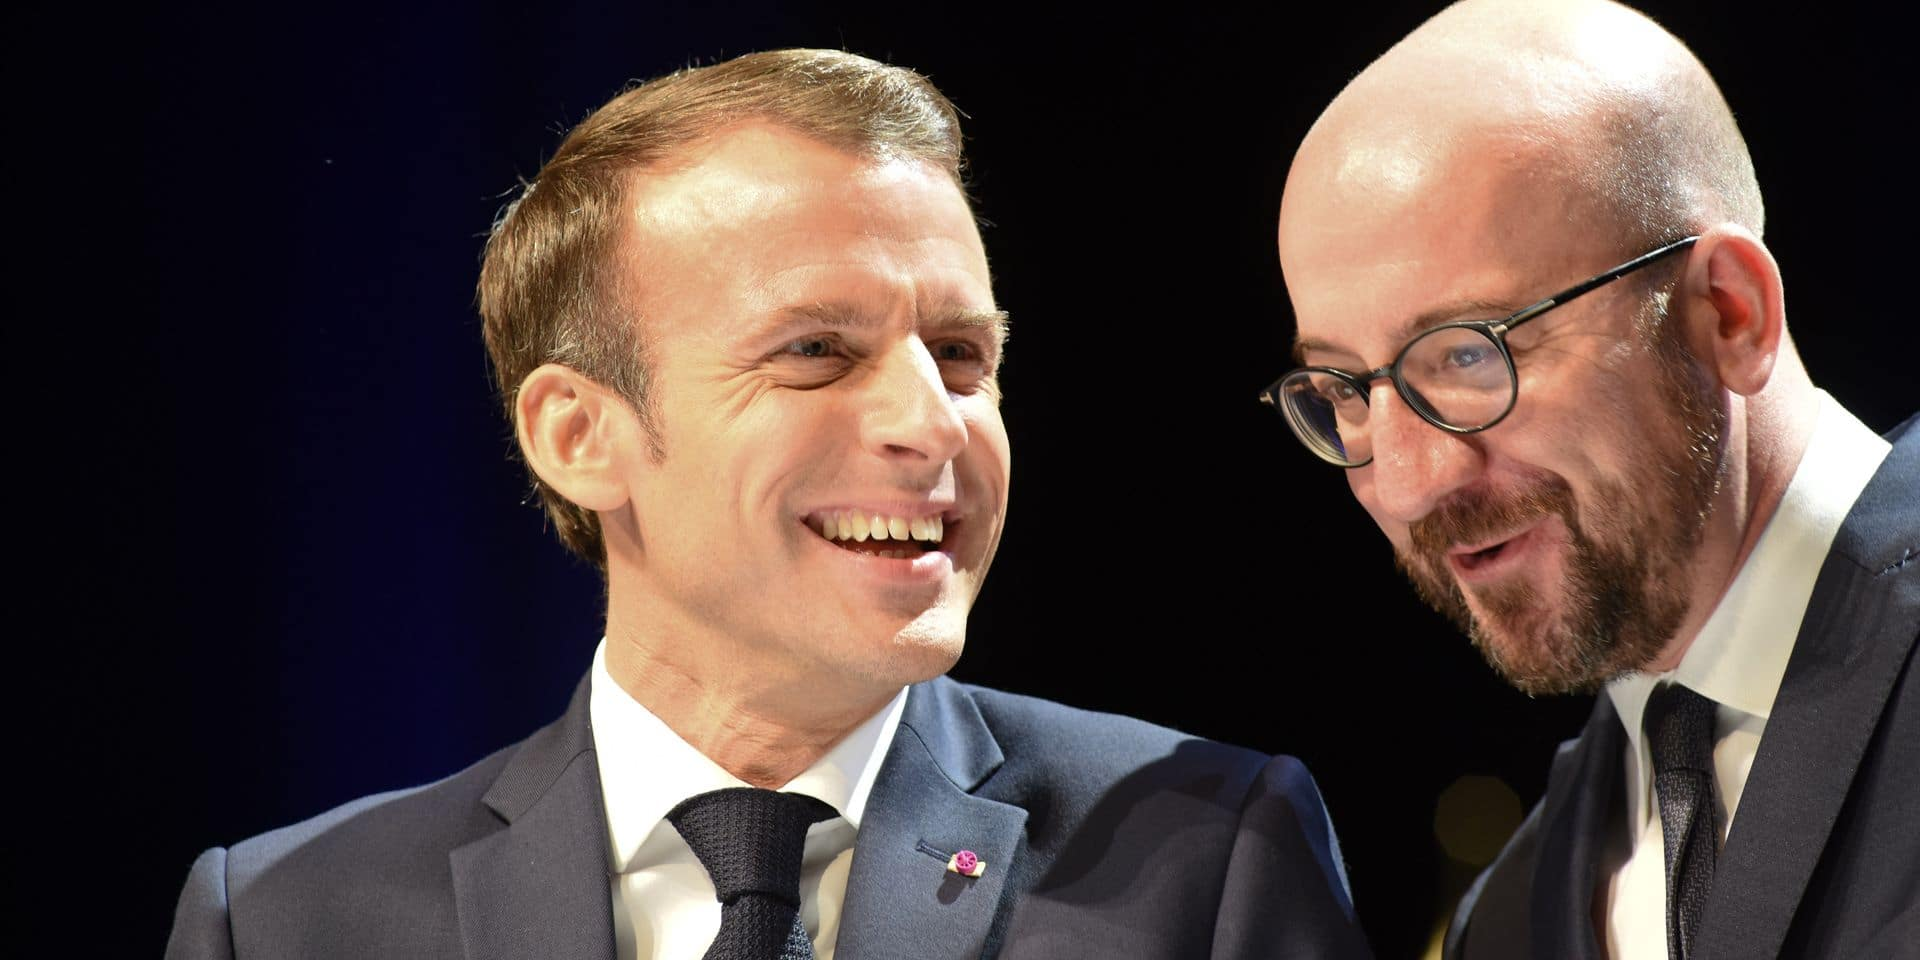 Plus de 4 Belges et Français sur 10 ne font pas du tout confiance au politique